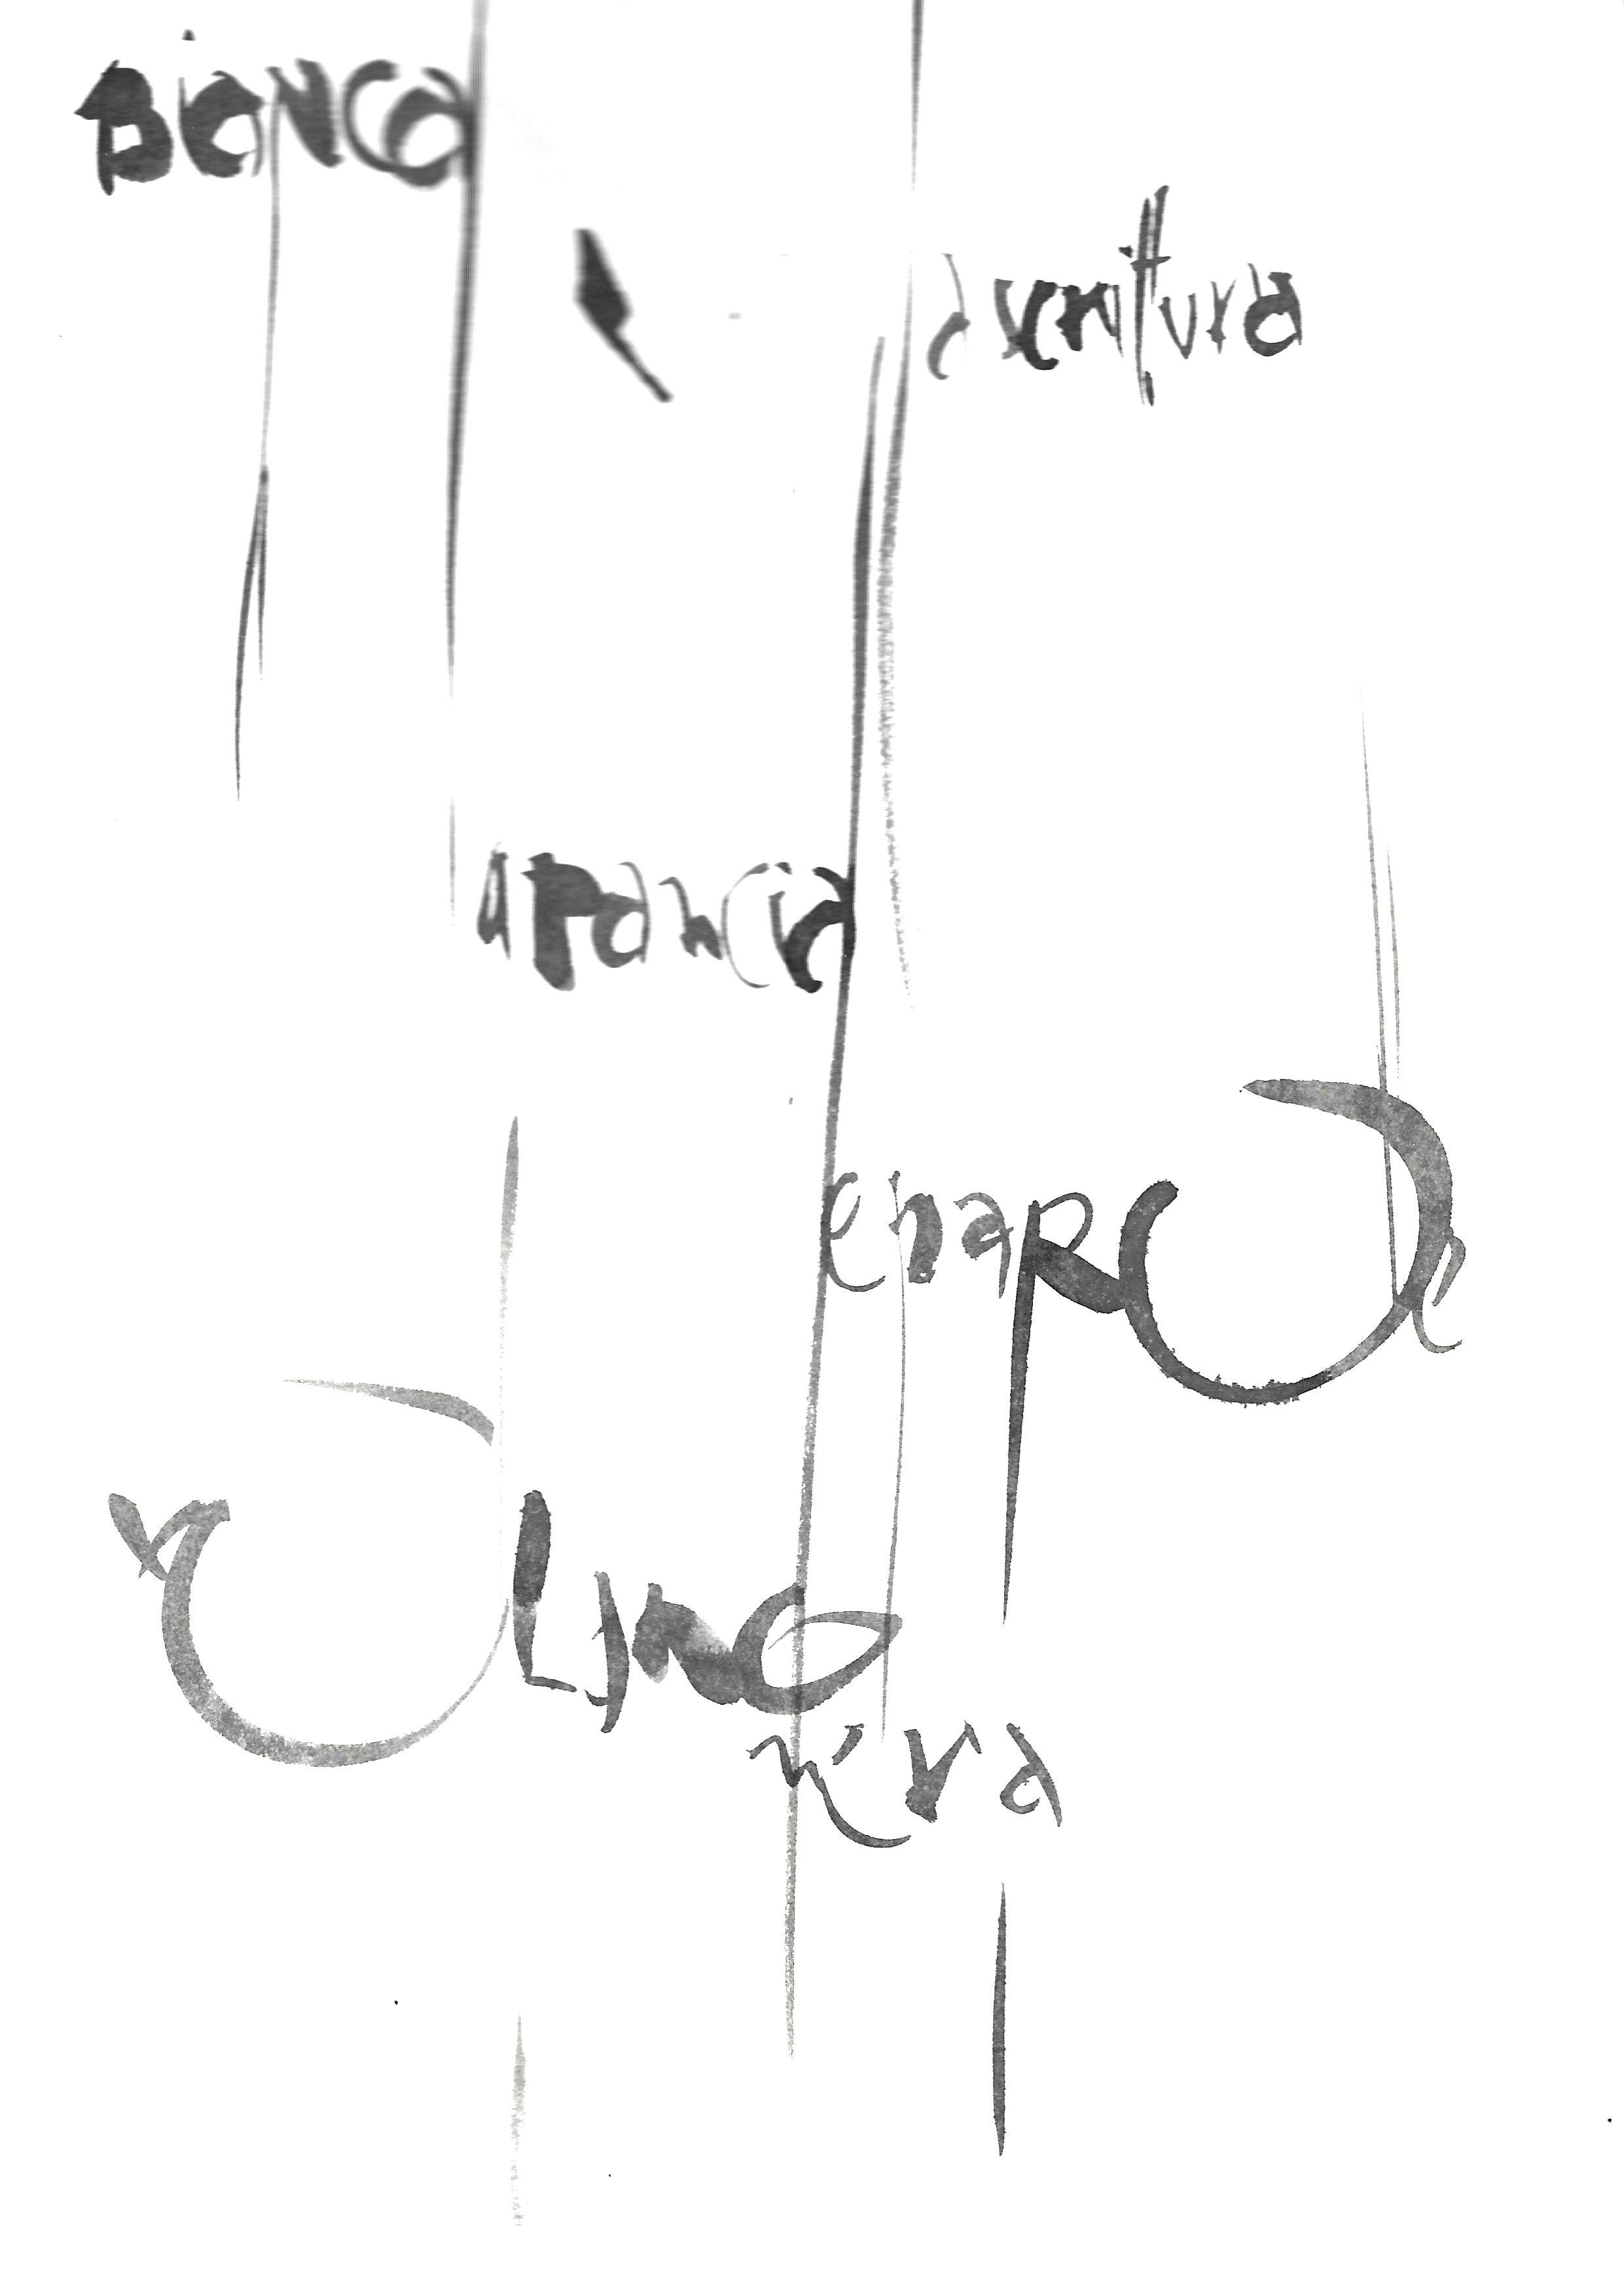 bianca la pagina nera la scrittura©paola rezzonico